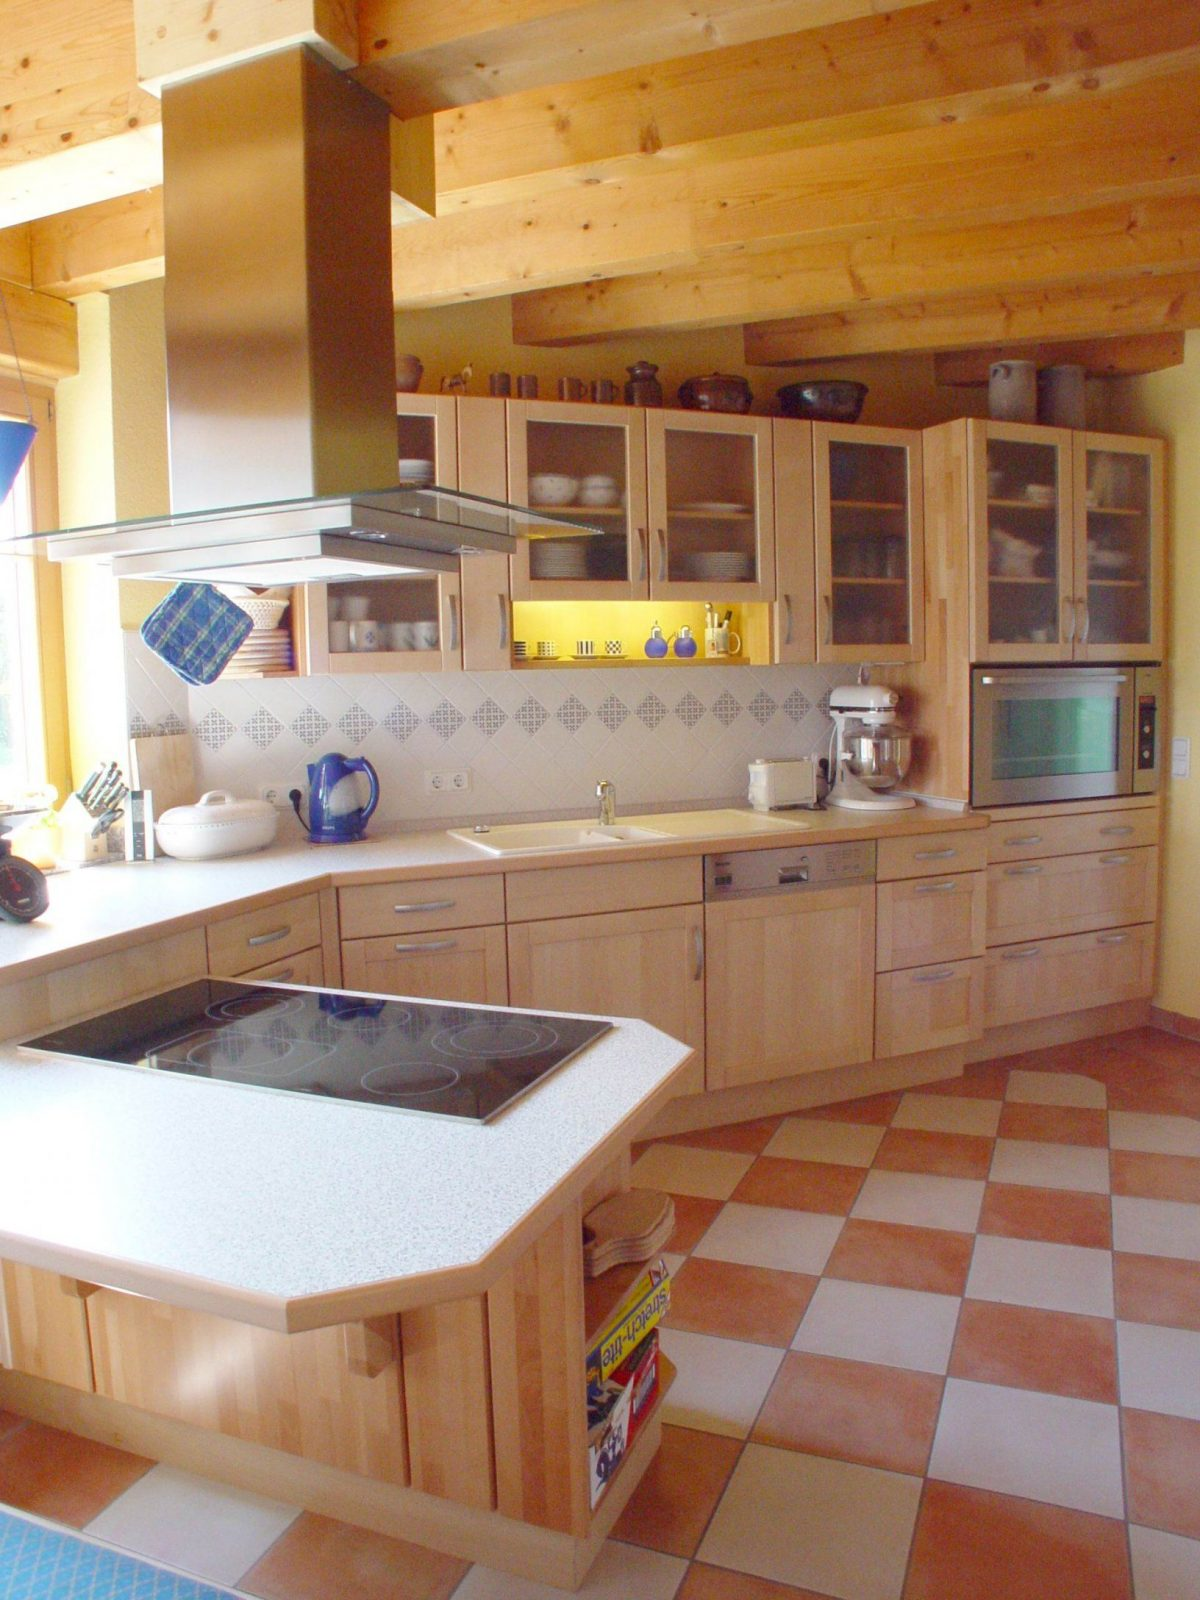 4Holzkuechekochinsel von Küchen U Form Mit Kochinsel Bild